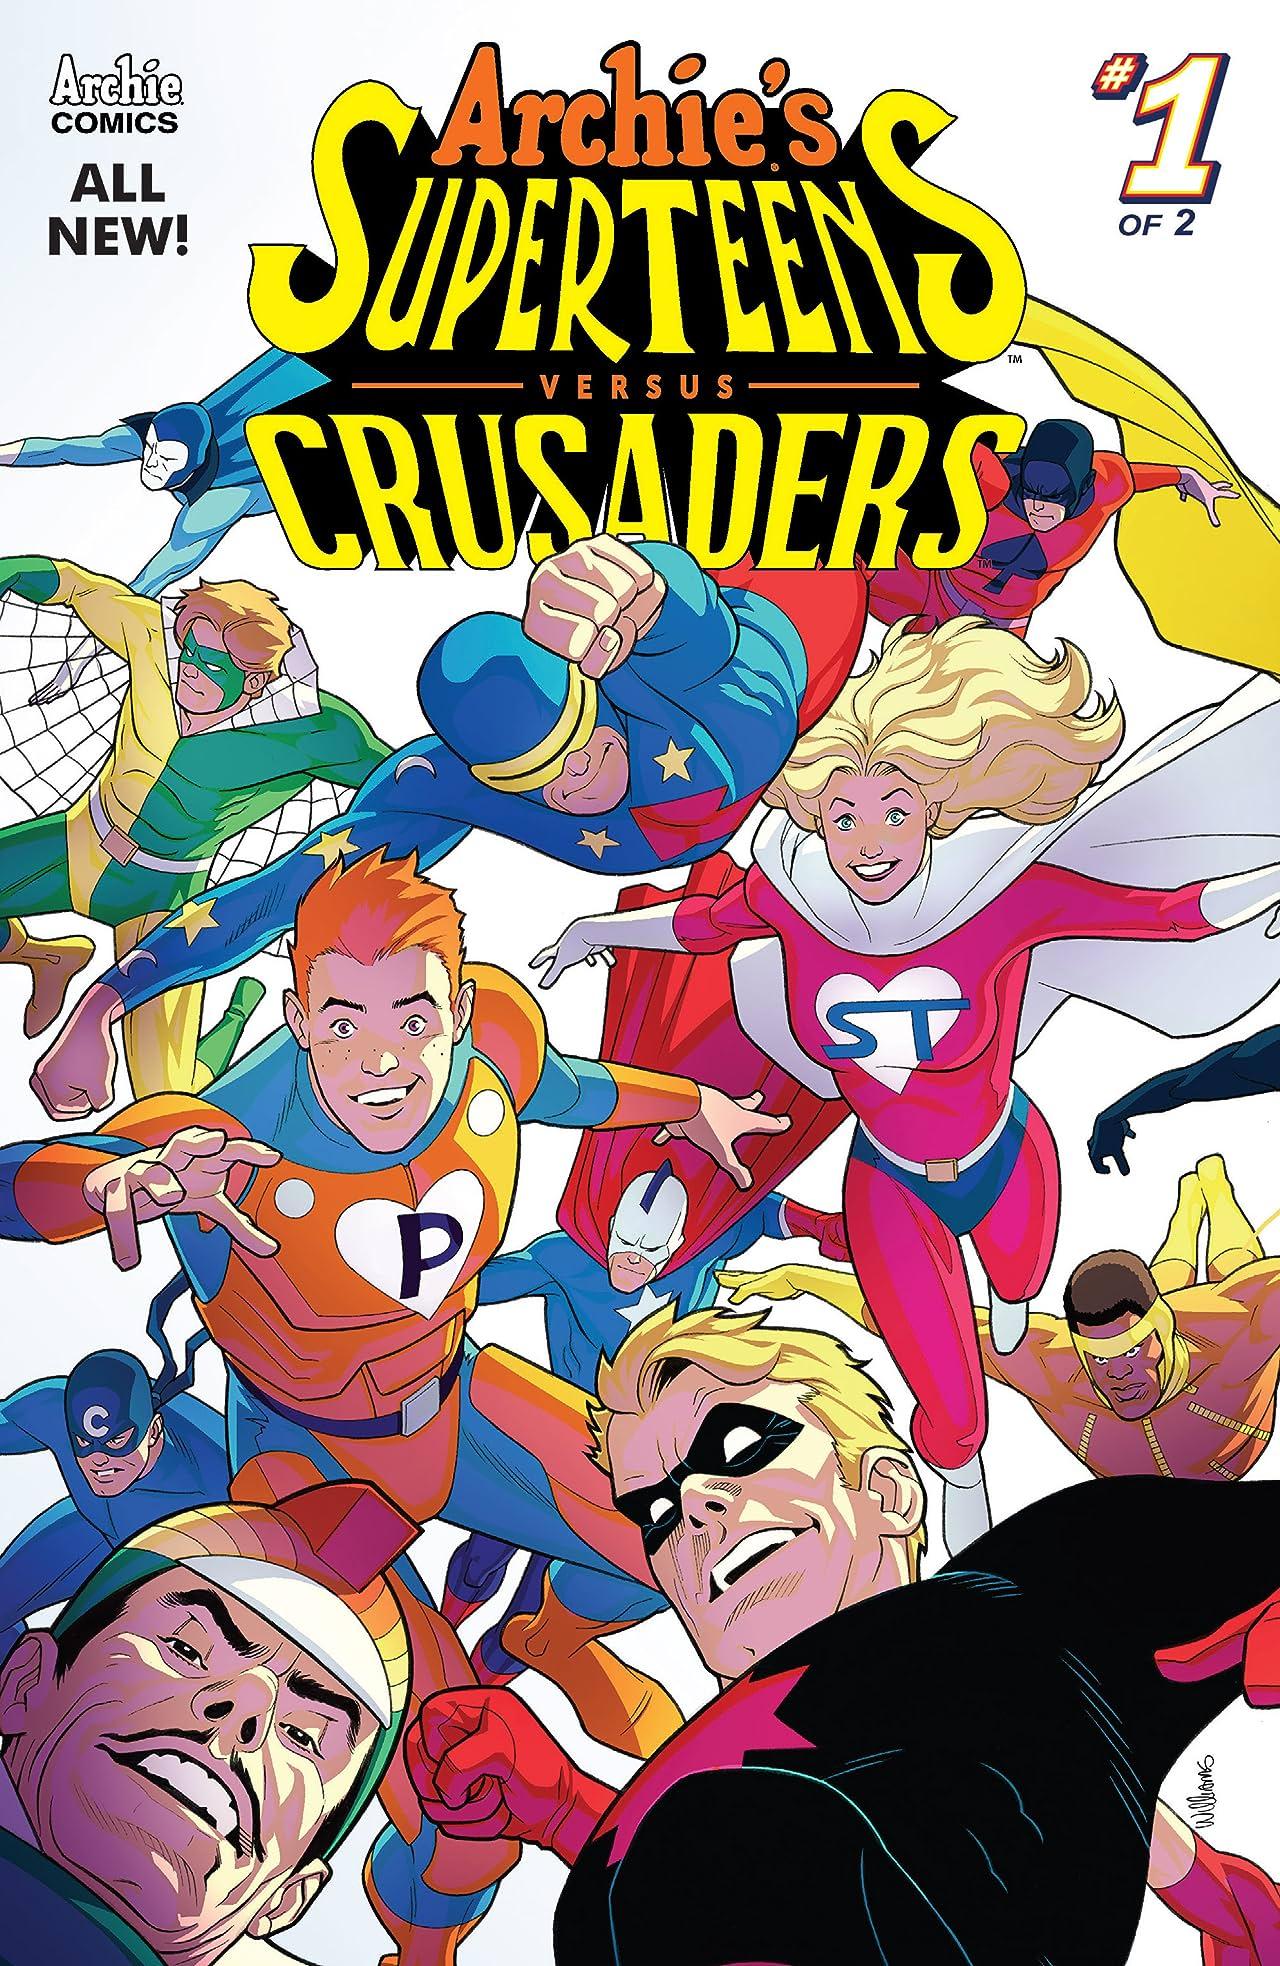 Archie's Superteens Versus Crusaders #1